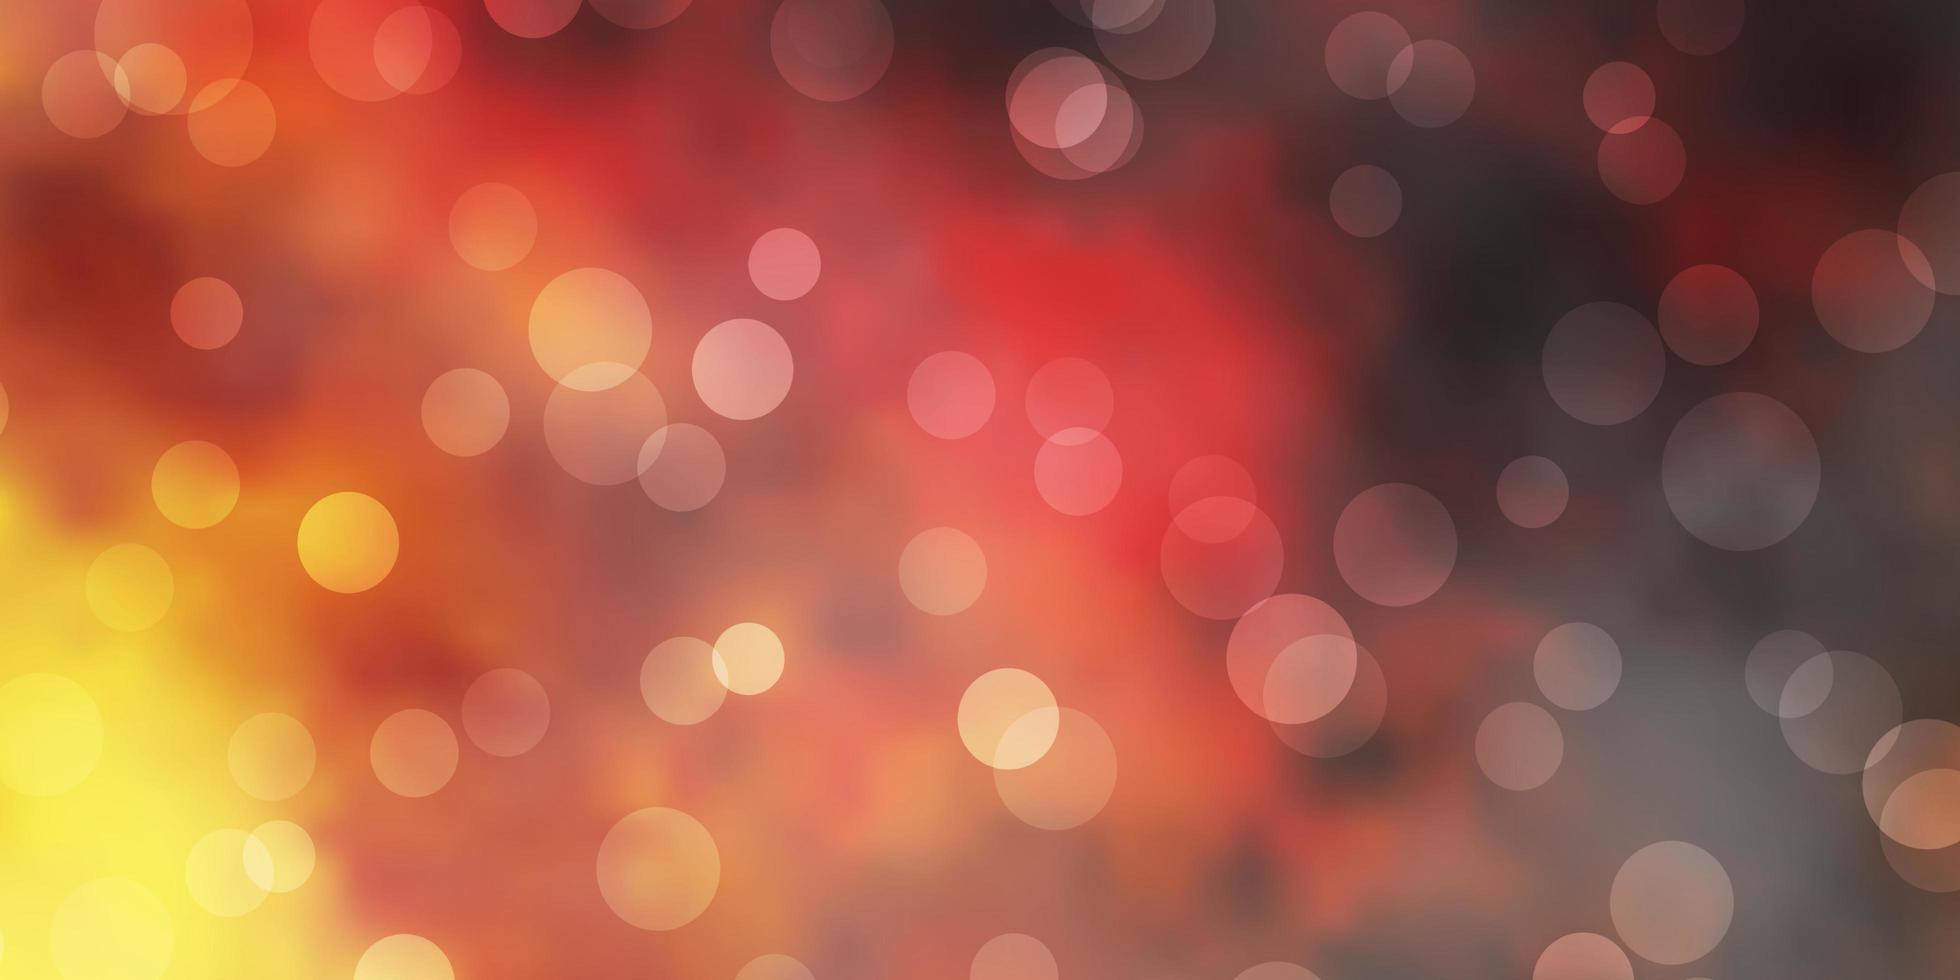 mörk gul vektor bakgrund med bubblor.